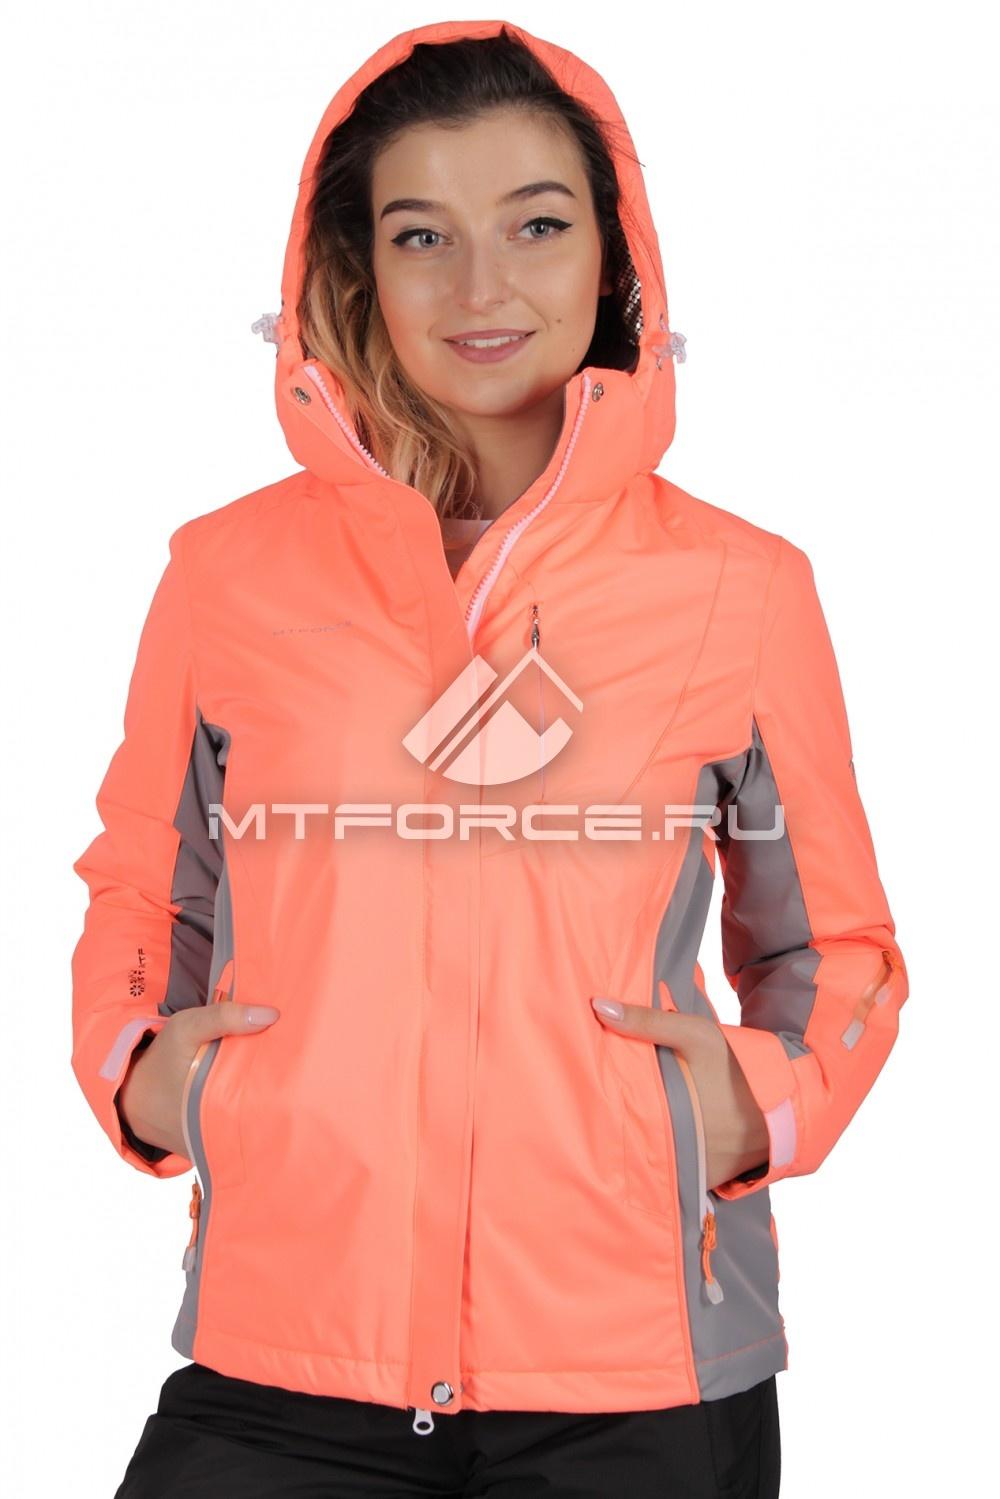 Купить                                  оптом Куртка спортивная женская осень весна персикового цвета 1711P в Новосибирске